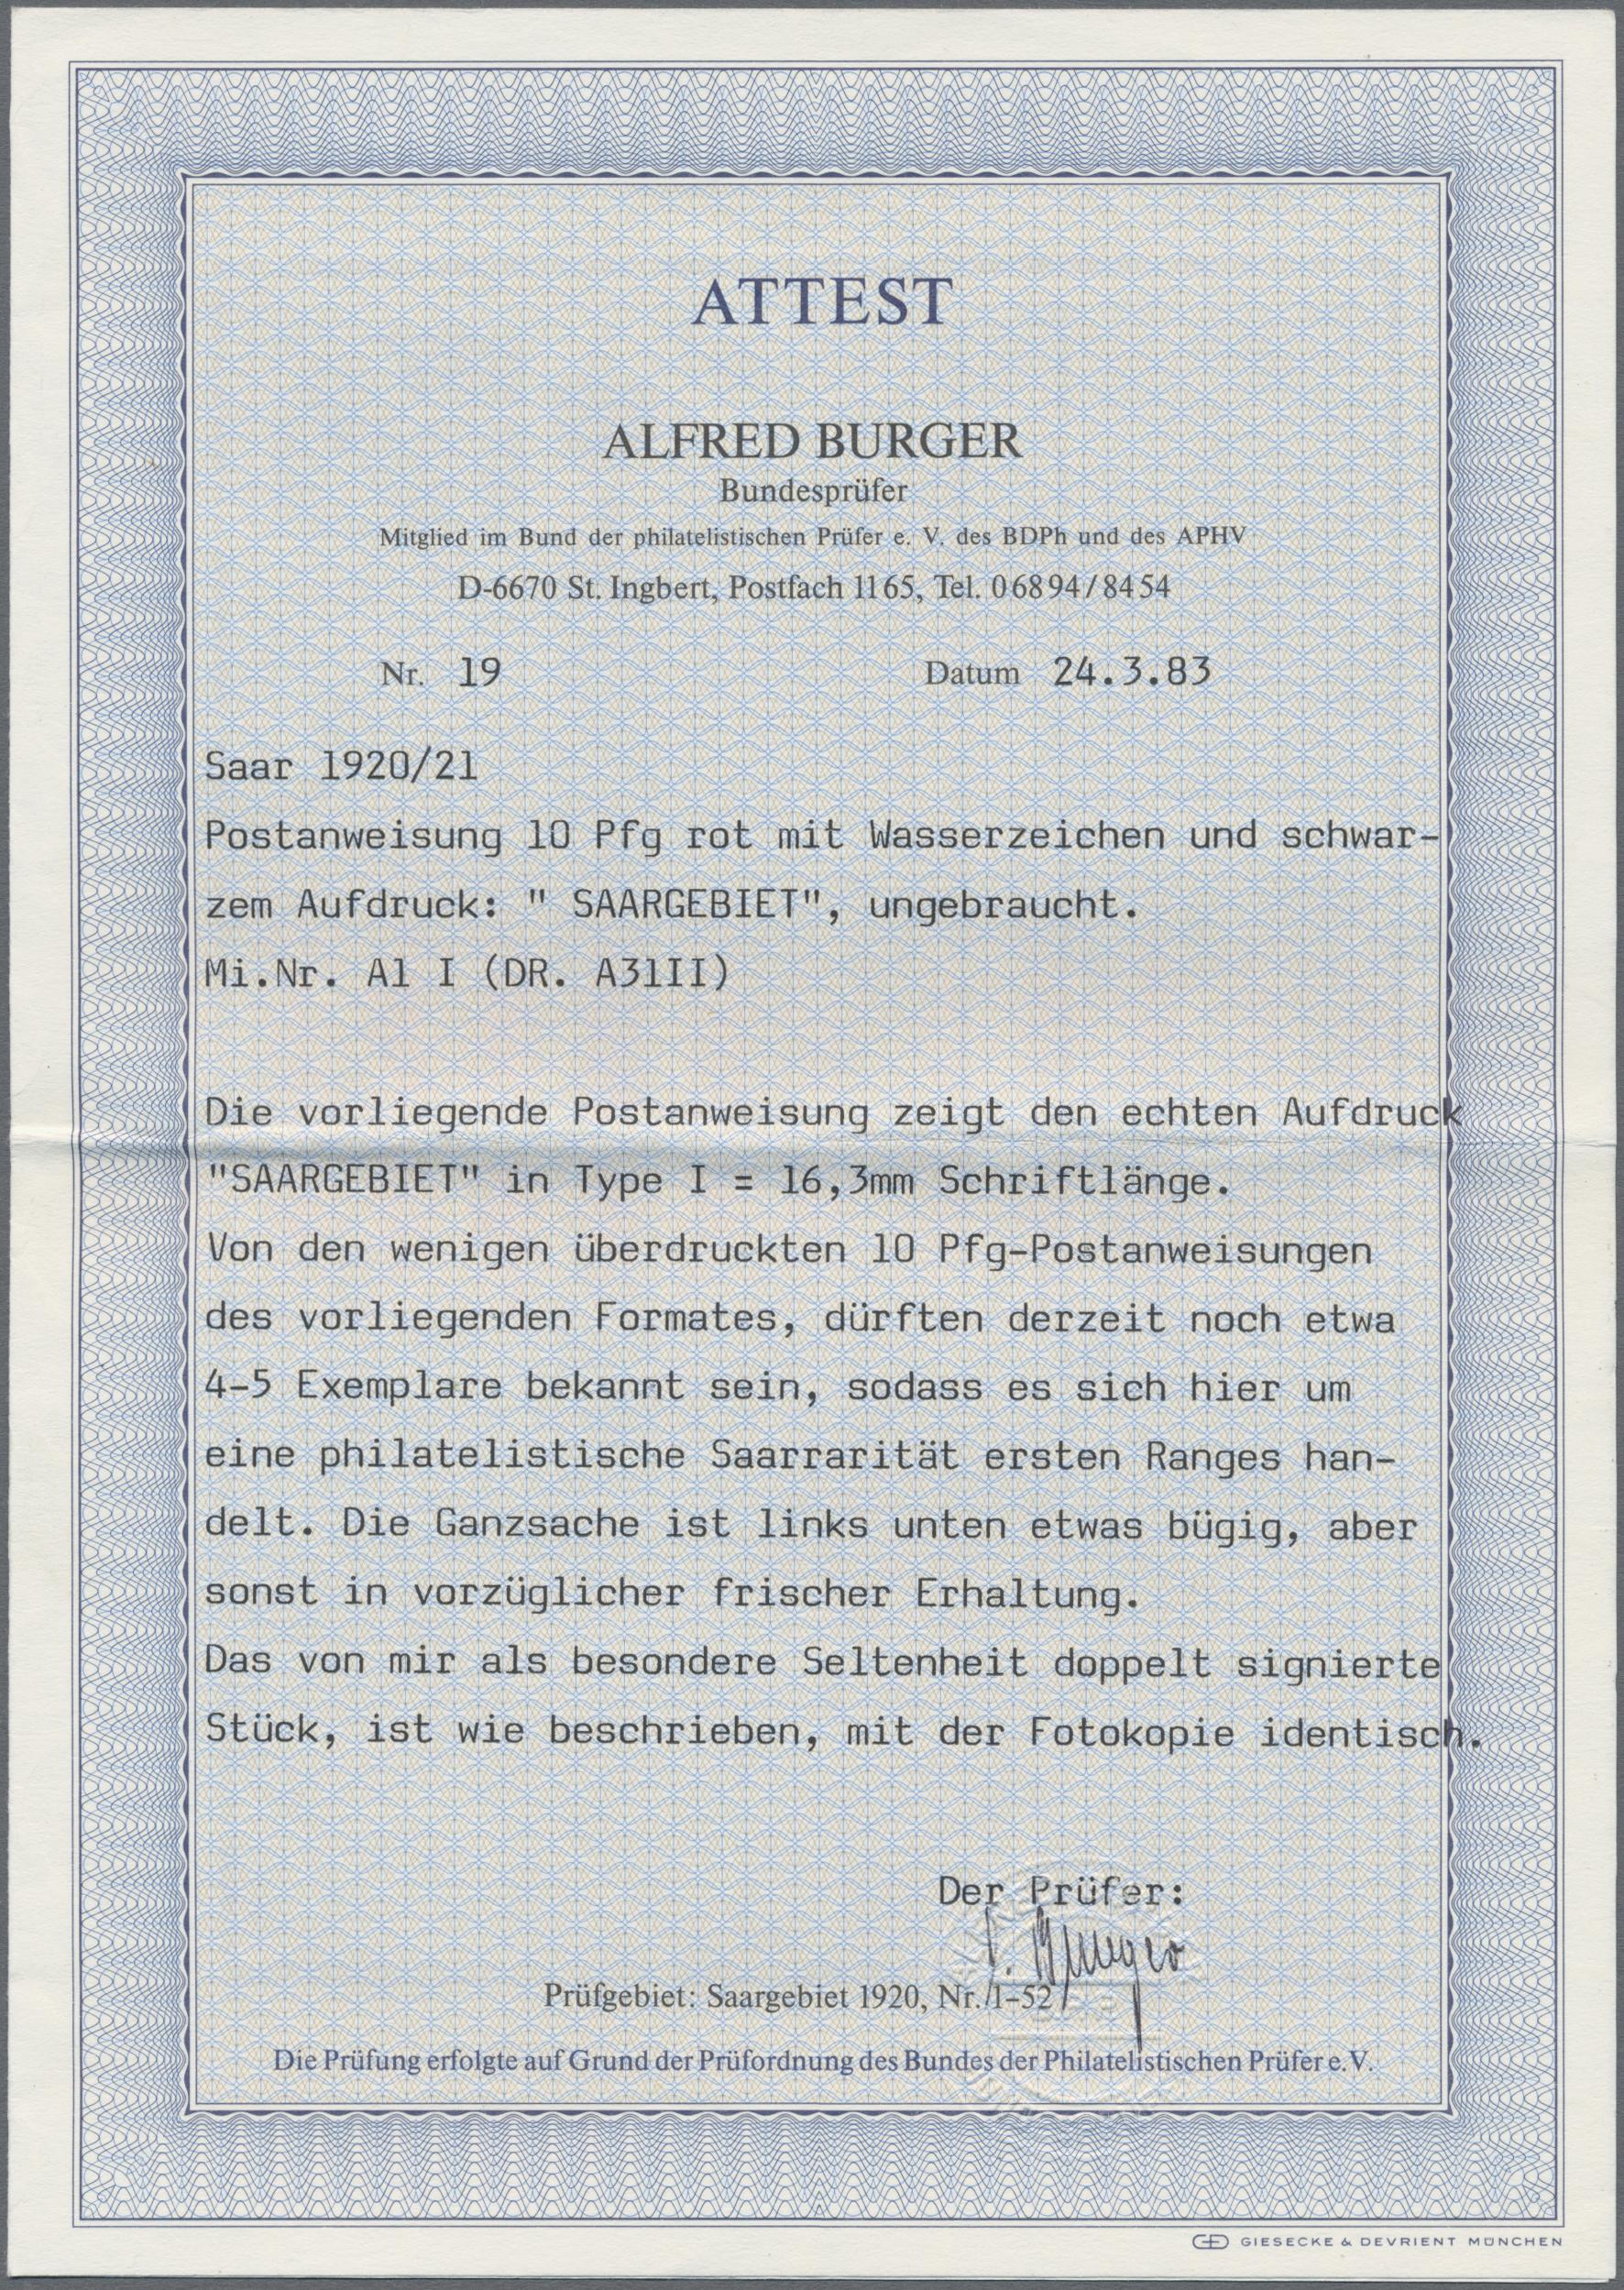 Lot 23129 - Deutsche Abstimmungsgebiete: Saargebiet - Ganzsachen  -  Auktionshaus Christoph Gärtner GmbH & Co. KG Sale #44 Germany, Picture Post cards